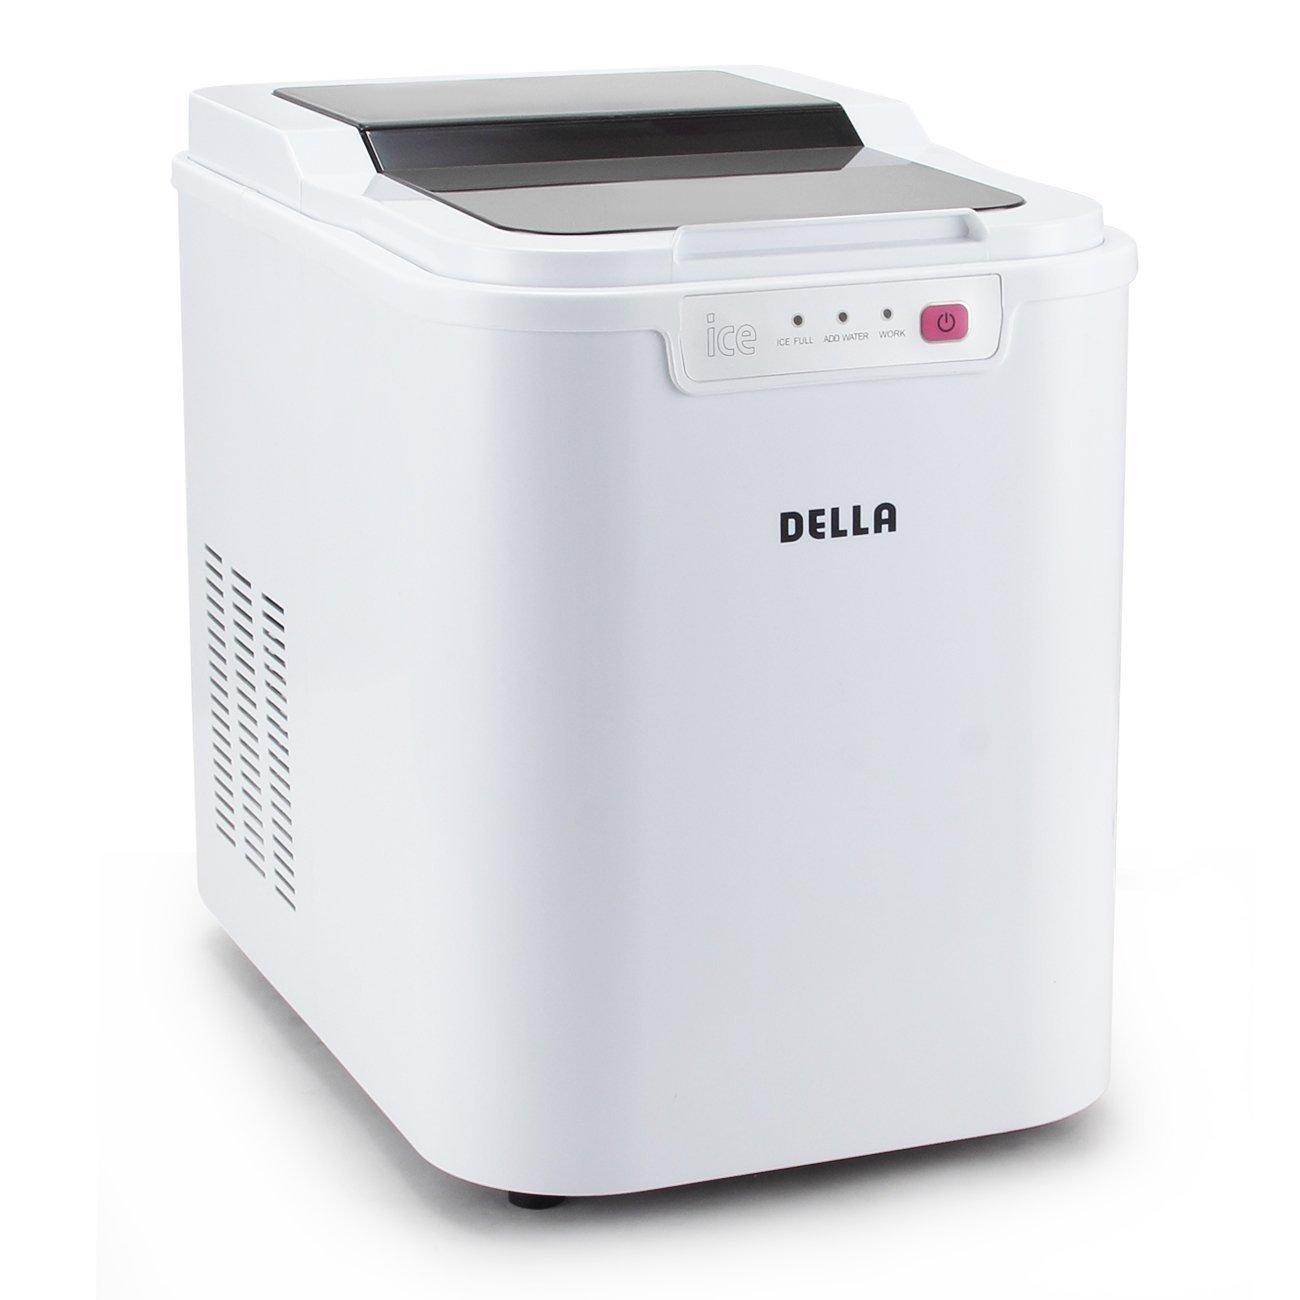 DELLA Ice Maker Electric Machine Countertop 048-GM-48224